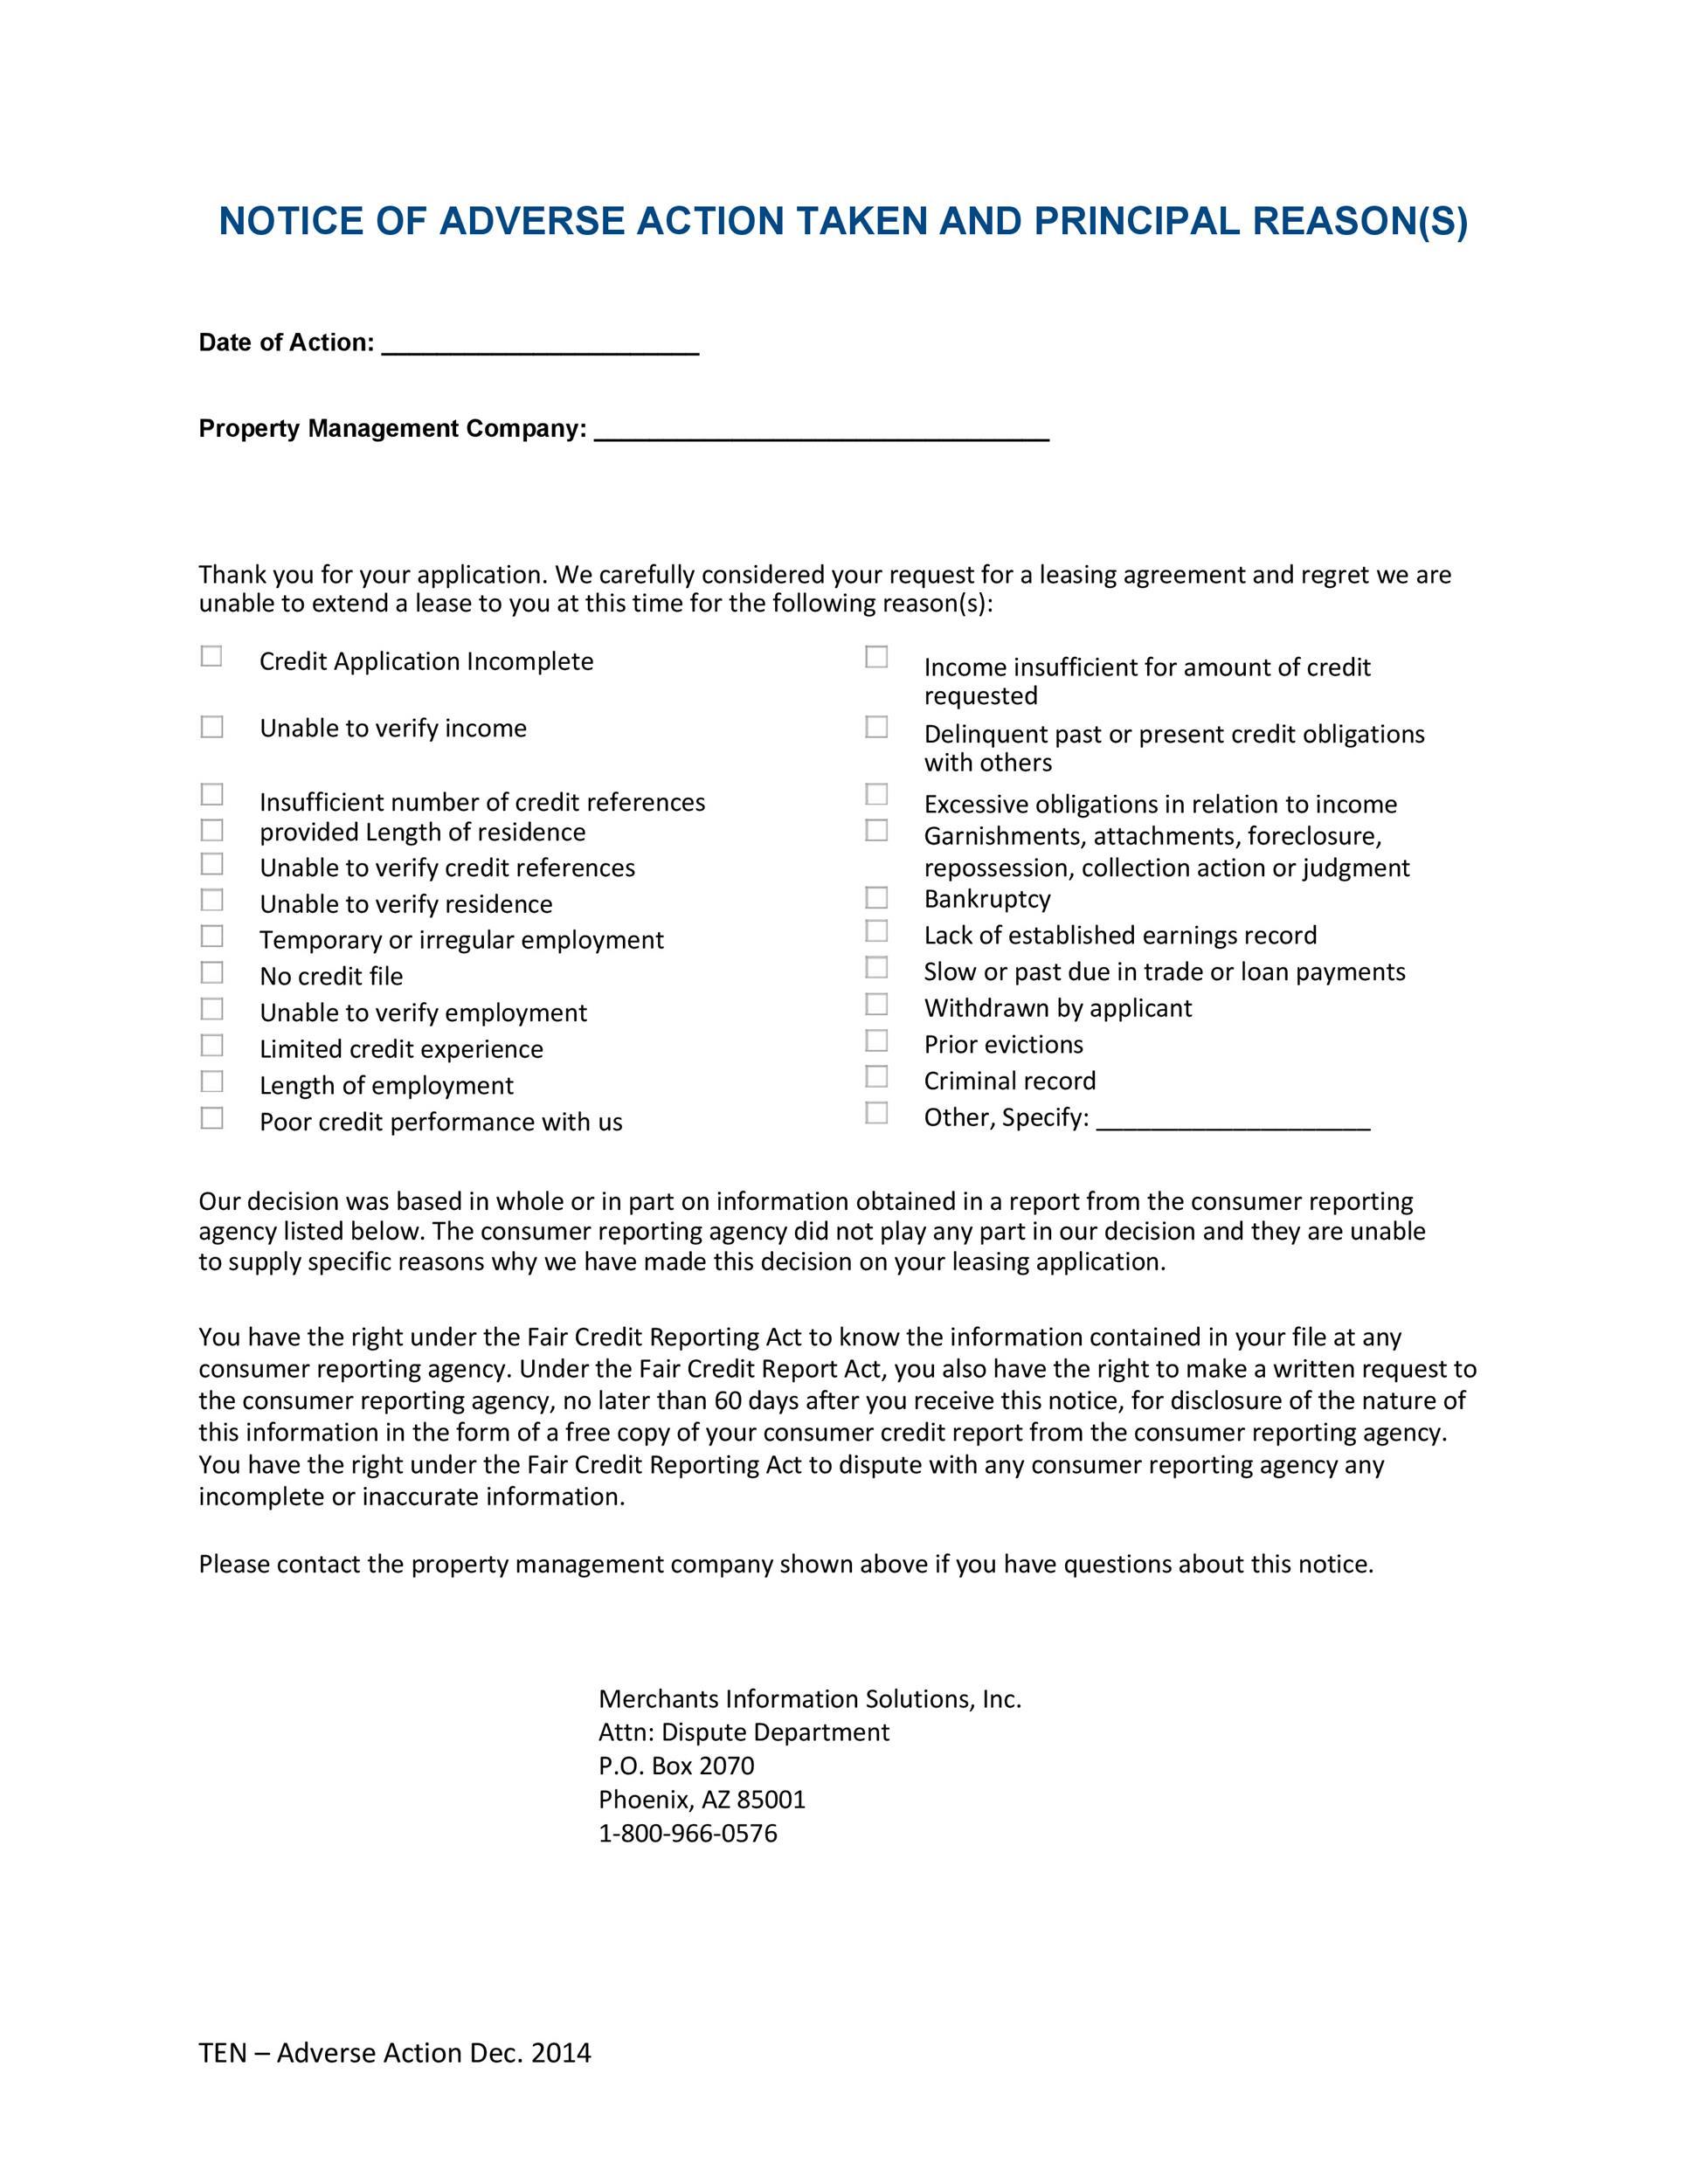 Free adverse action notice 41